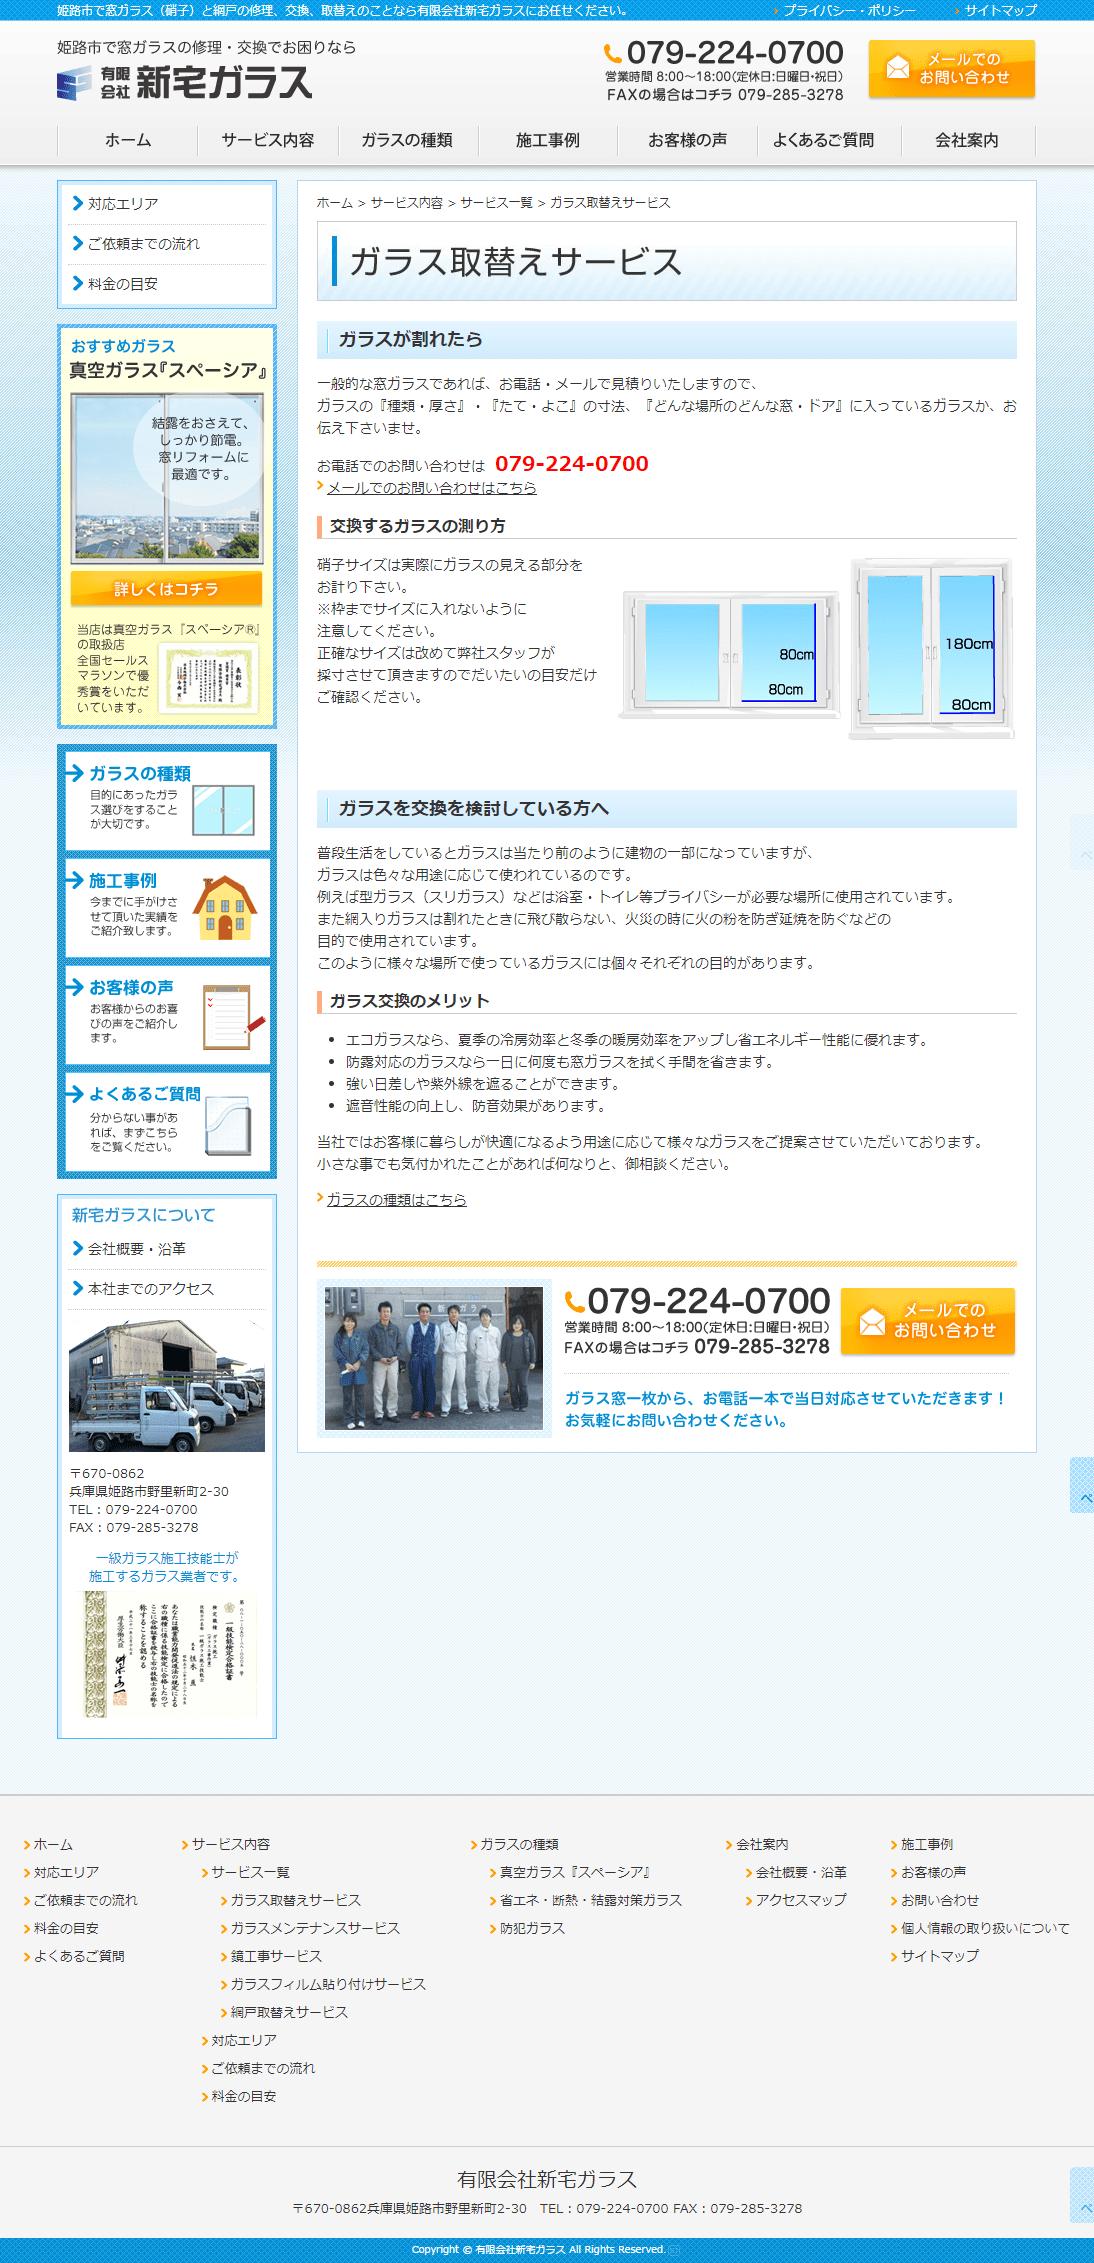 姫路市 有限会社 新宅ガラス様 ホームページ制作2